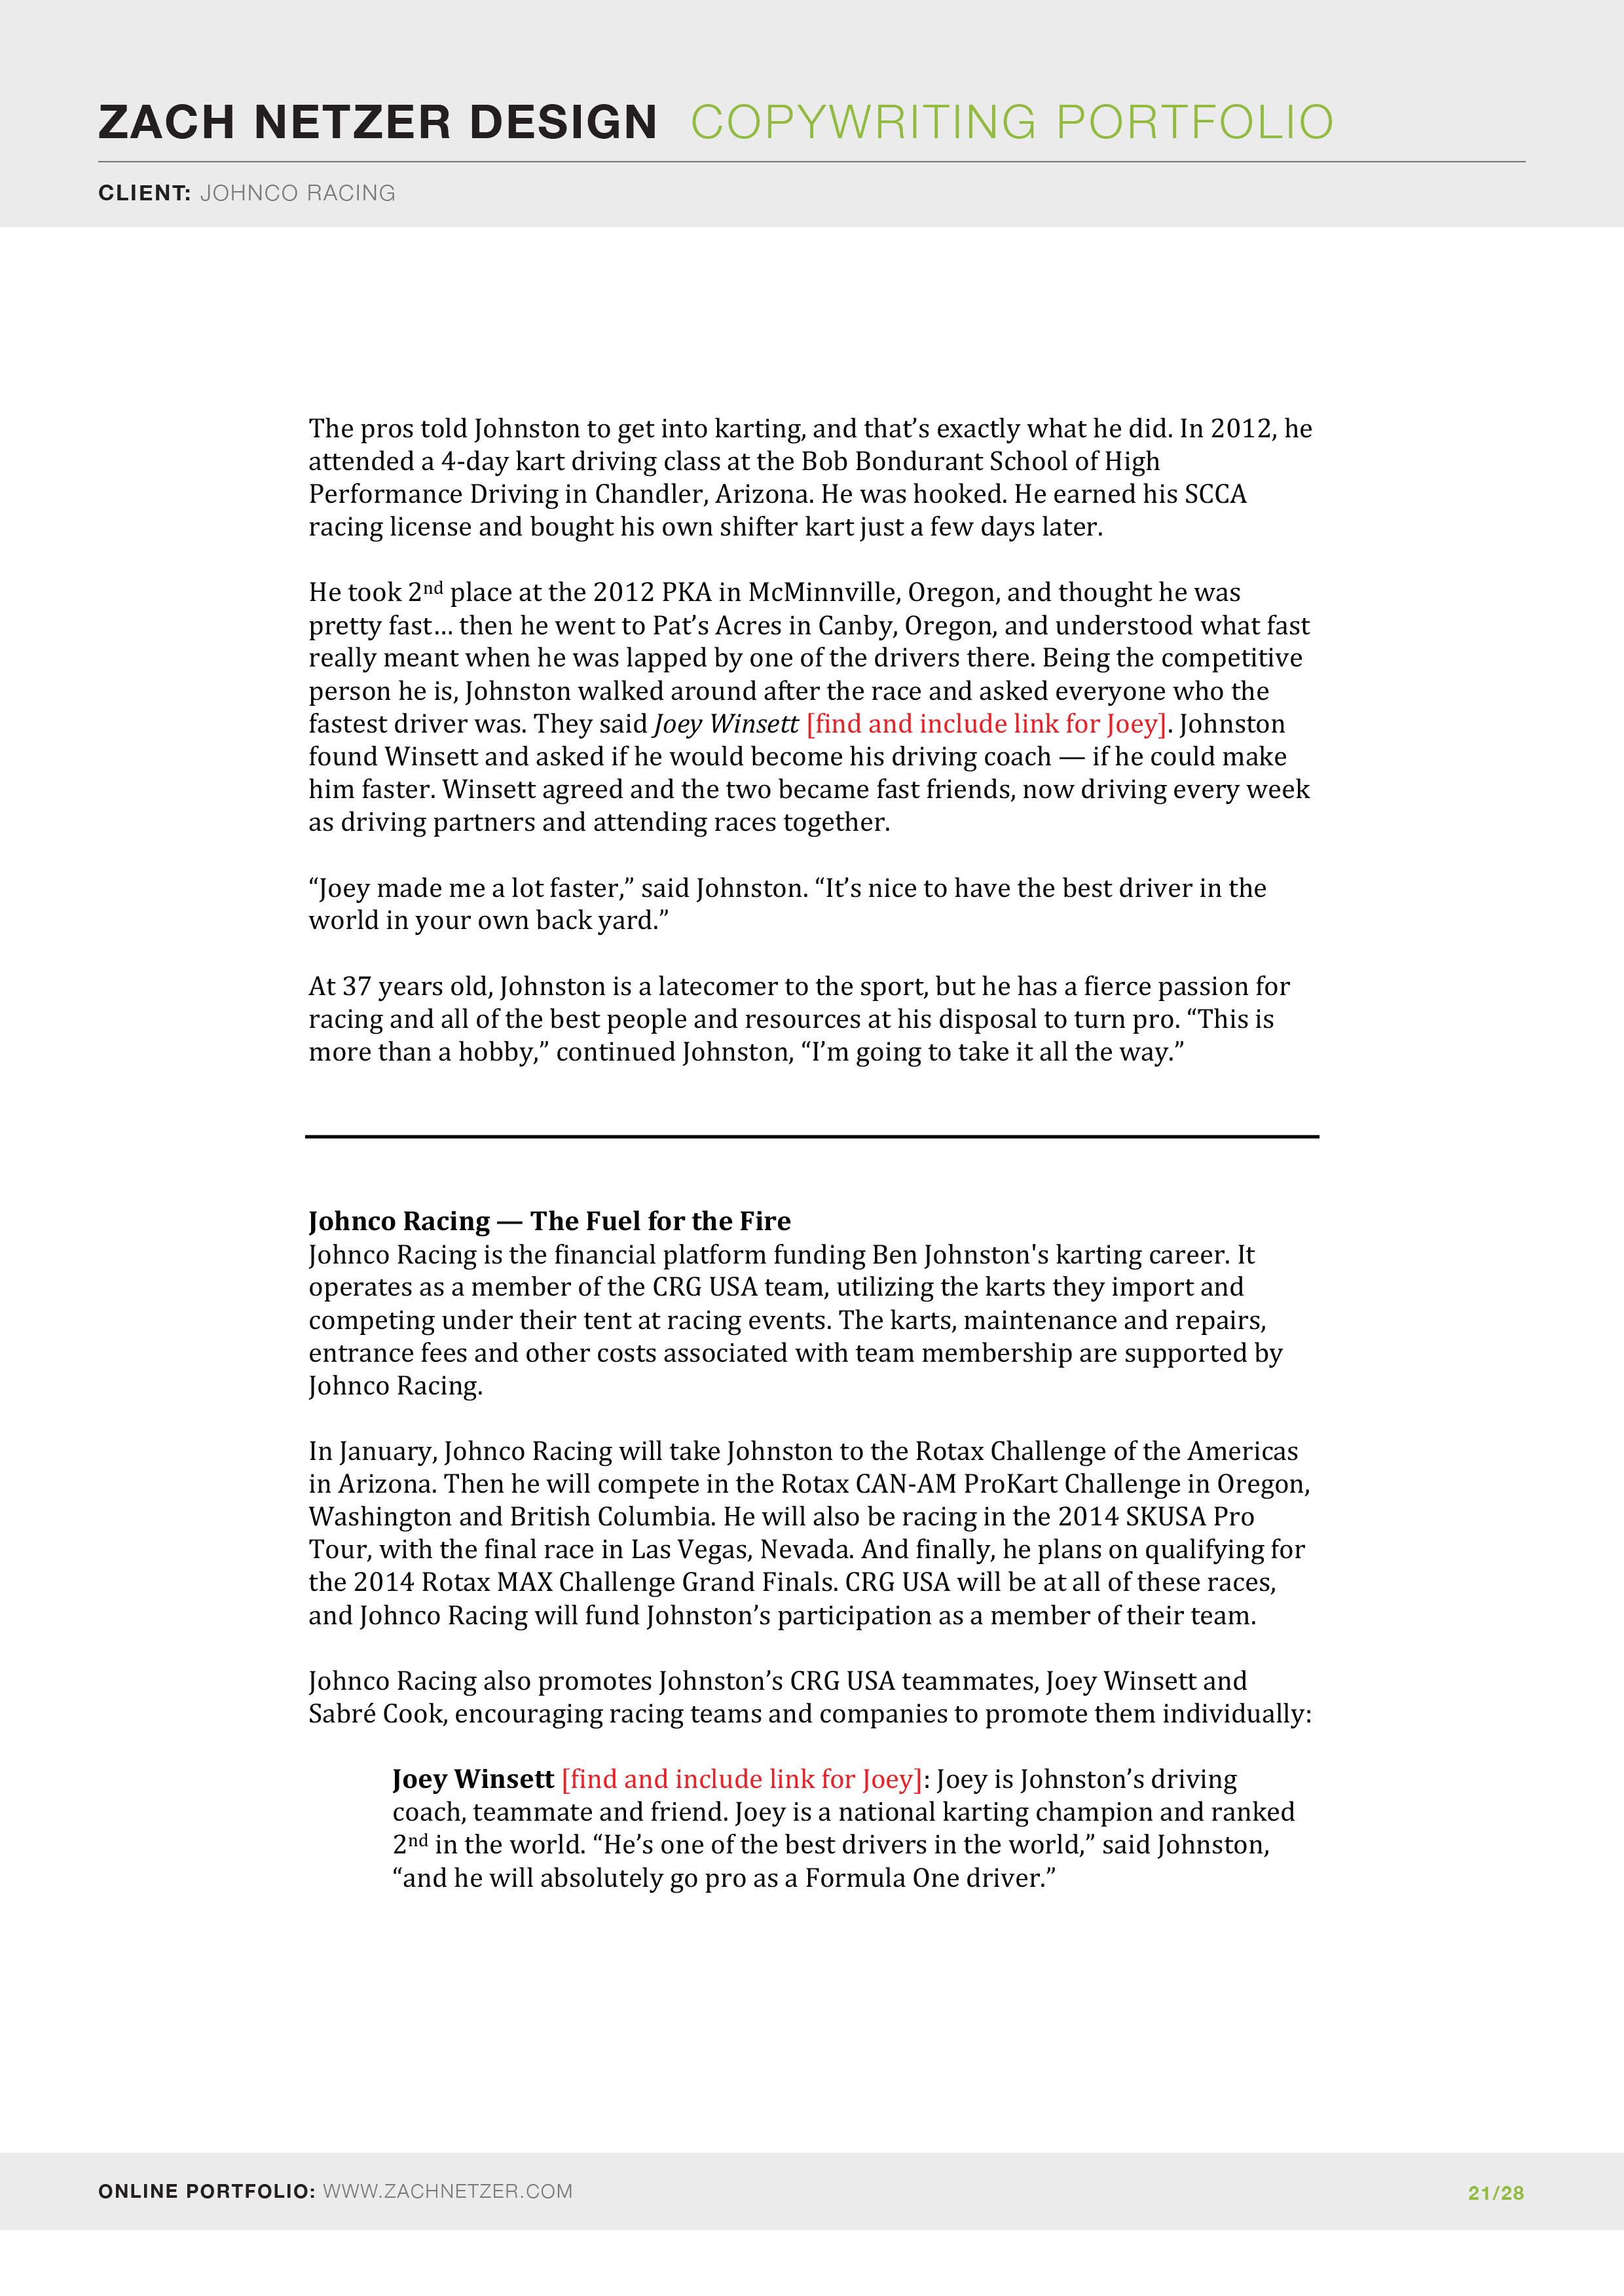 Zach-Netzer-Design---Copywriting-Portfolio-21.jpg